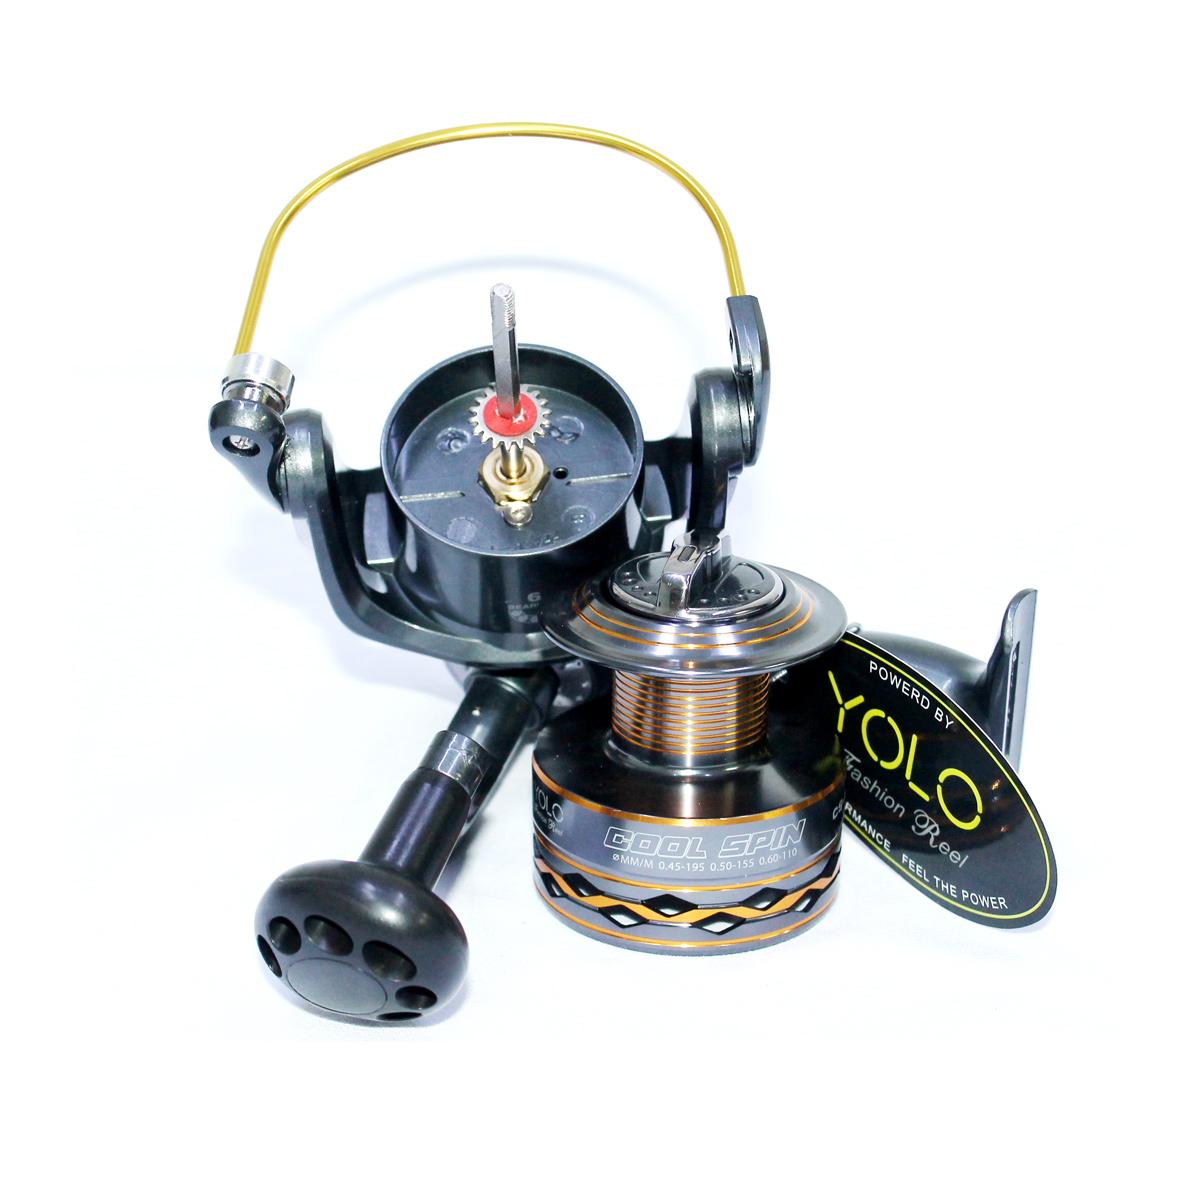 Máy Câu Cá Yolo Cool Spin CS6000 Chính Hãng Bảo Hành 3 Tháng